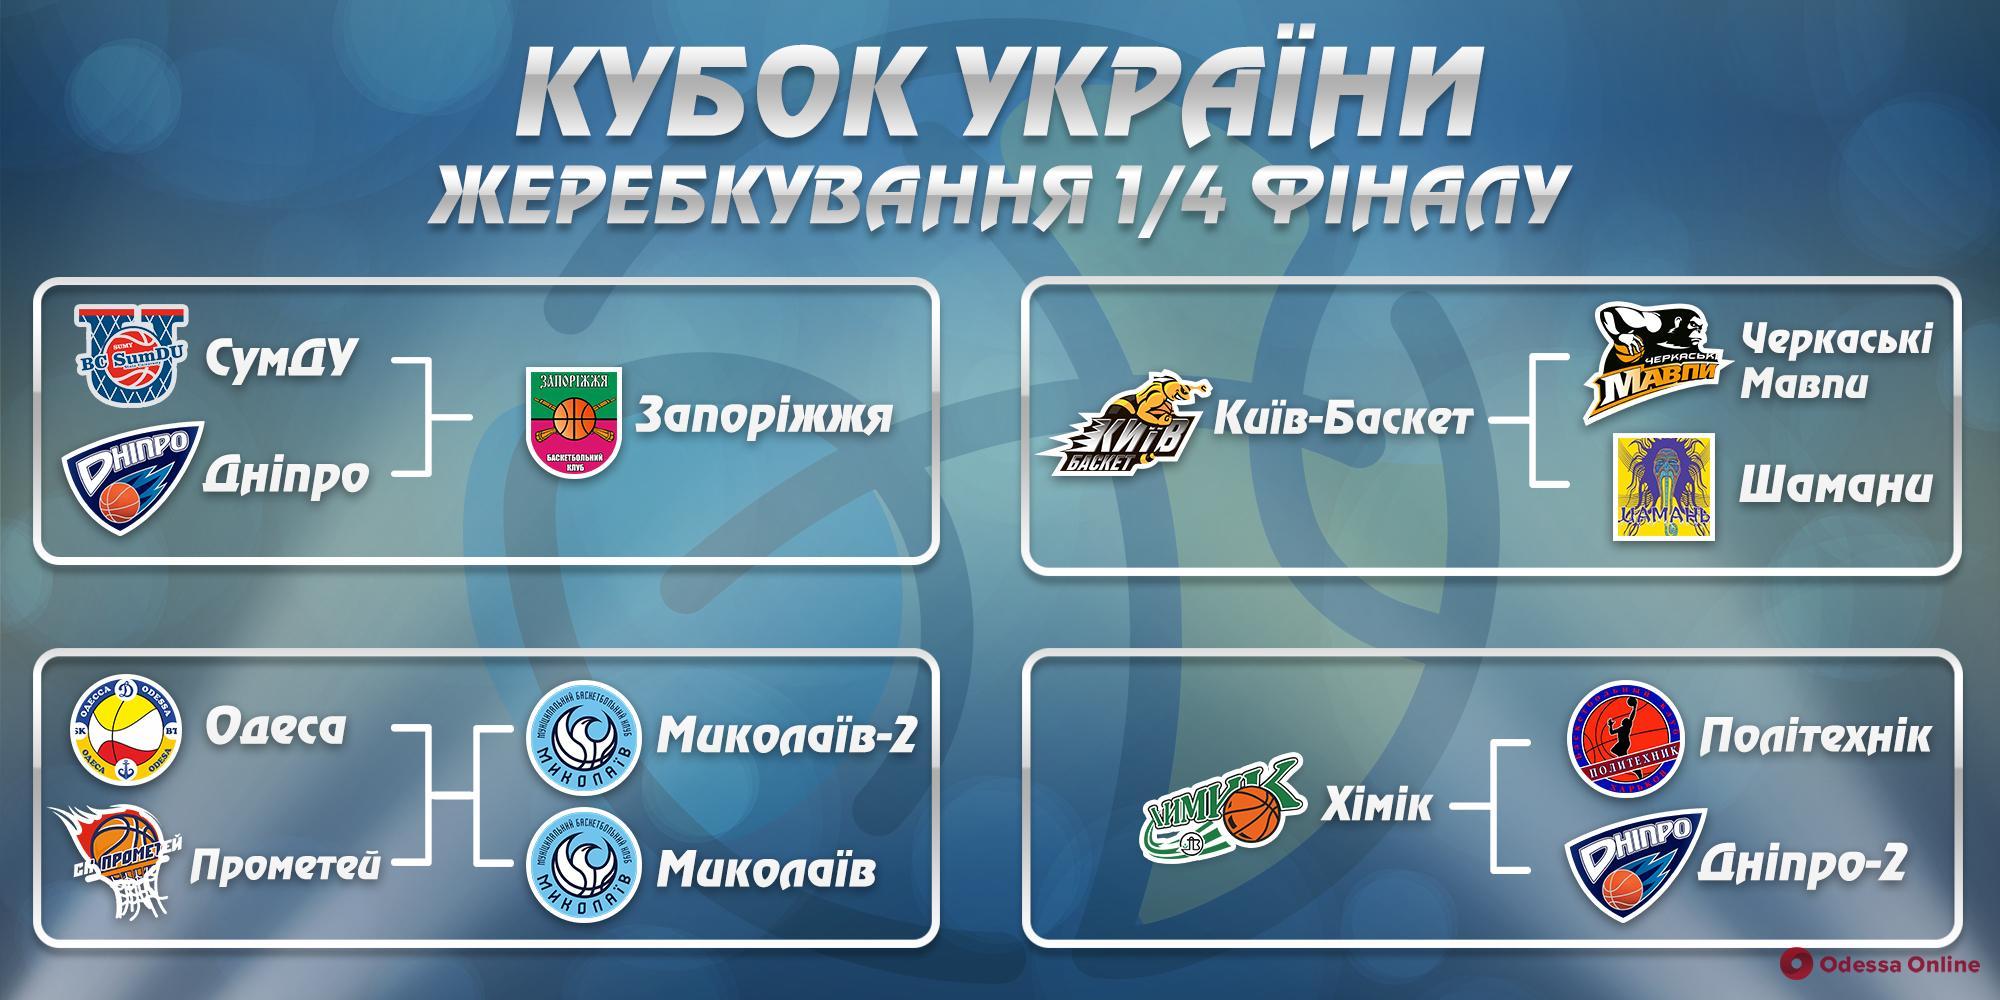 Баскетбольные команды из Одесской области узнали соперников по четвертьфиналу Кубка Украины